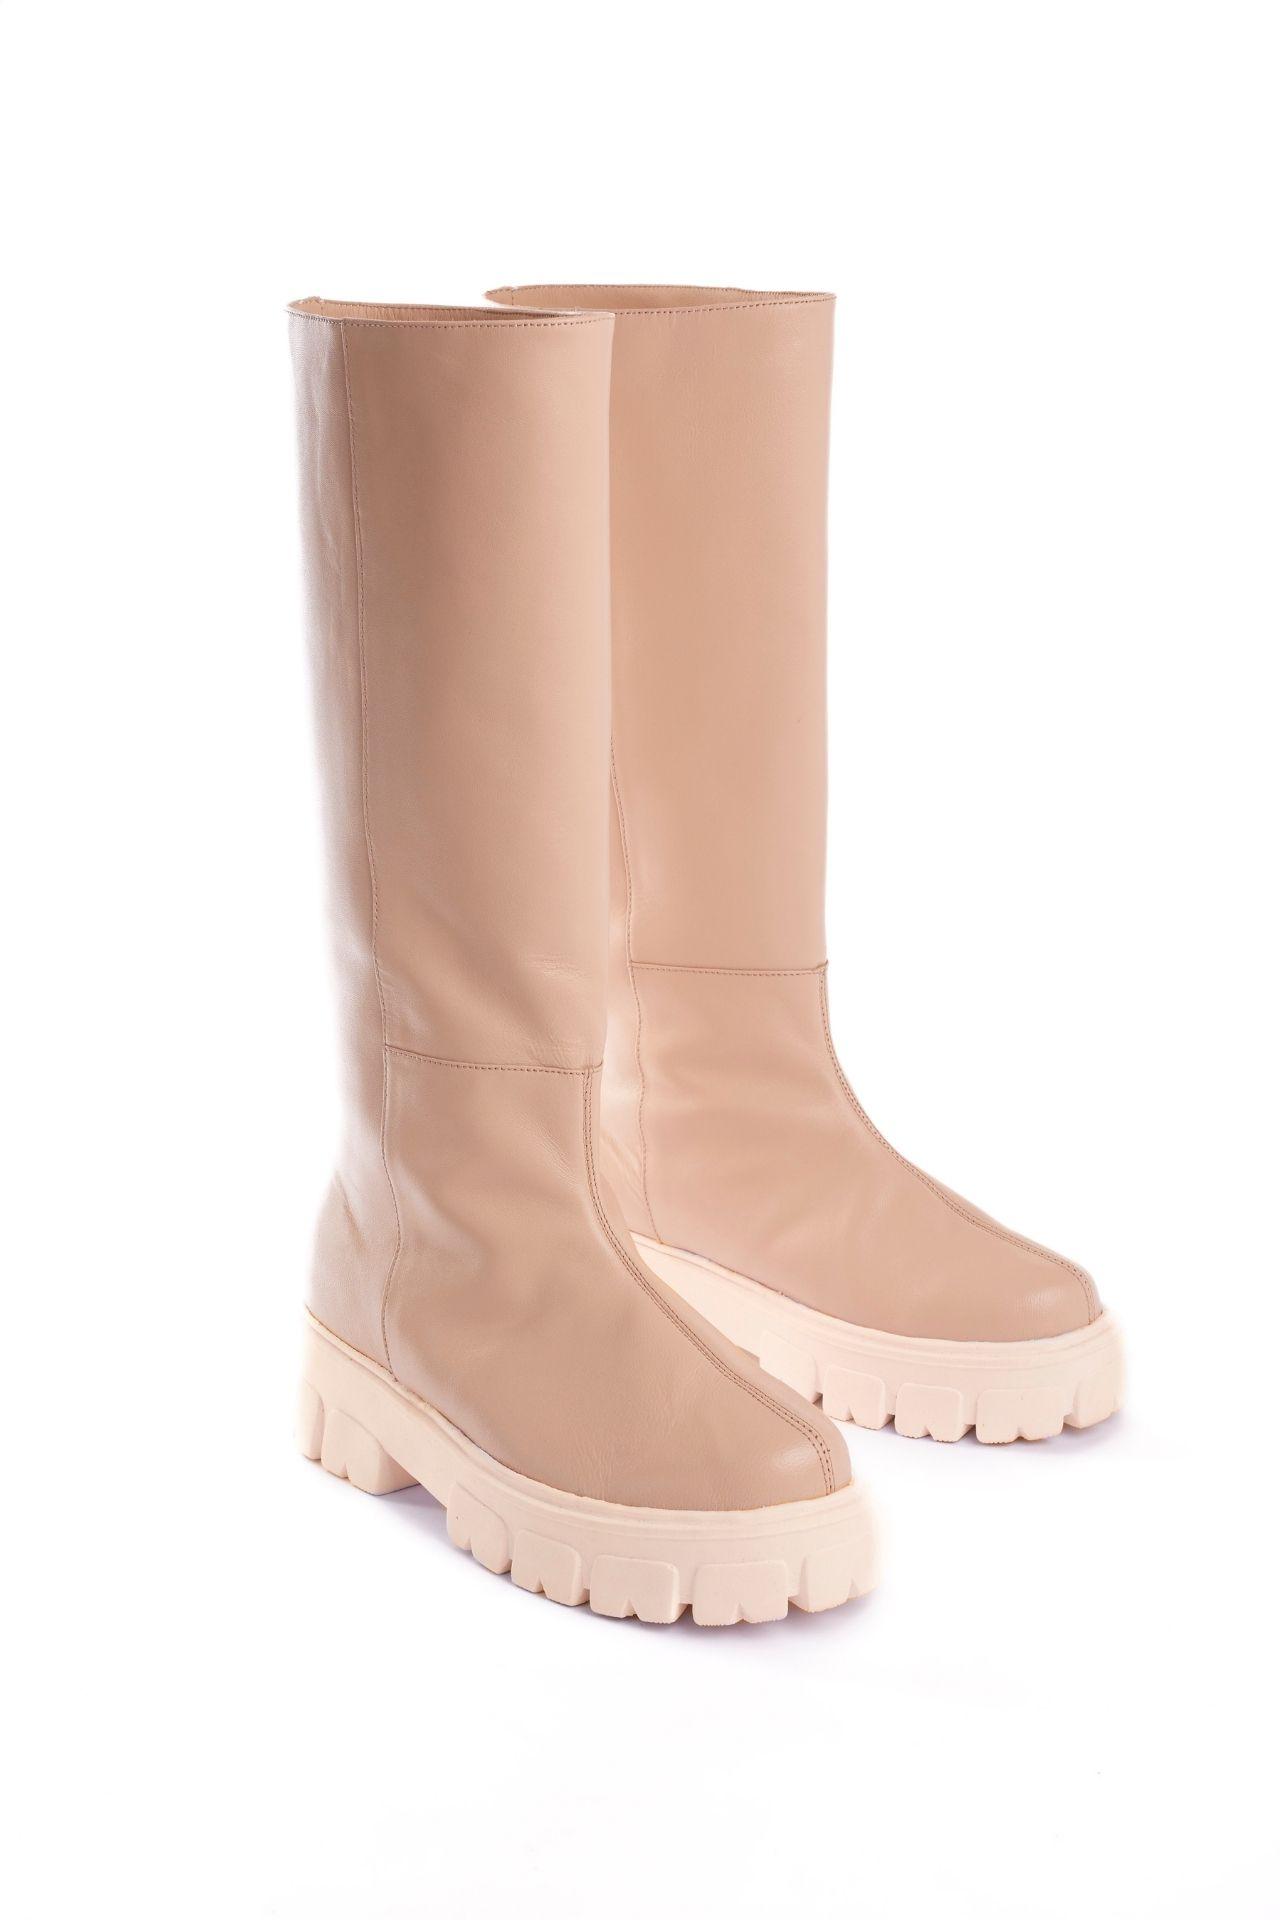 Botas altas de cuero nude con base chunky. Tienen 5cm de altura  CAPELLADA: CUERO NATURAL / FORRO: BADANA NATURAL